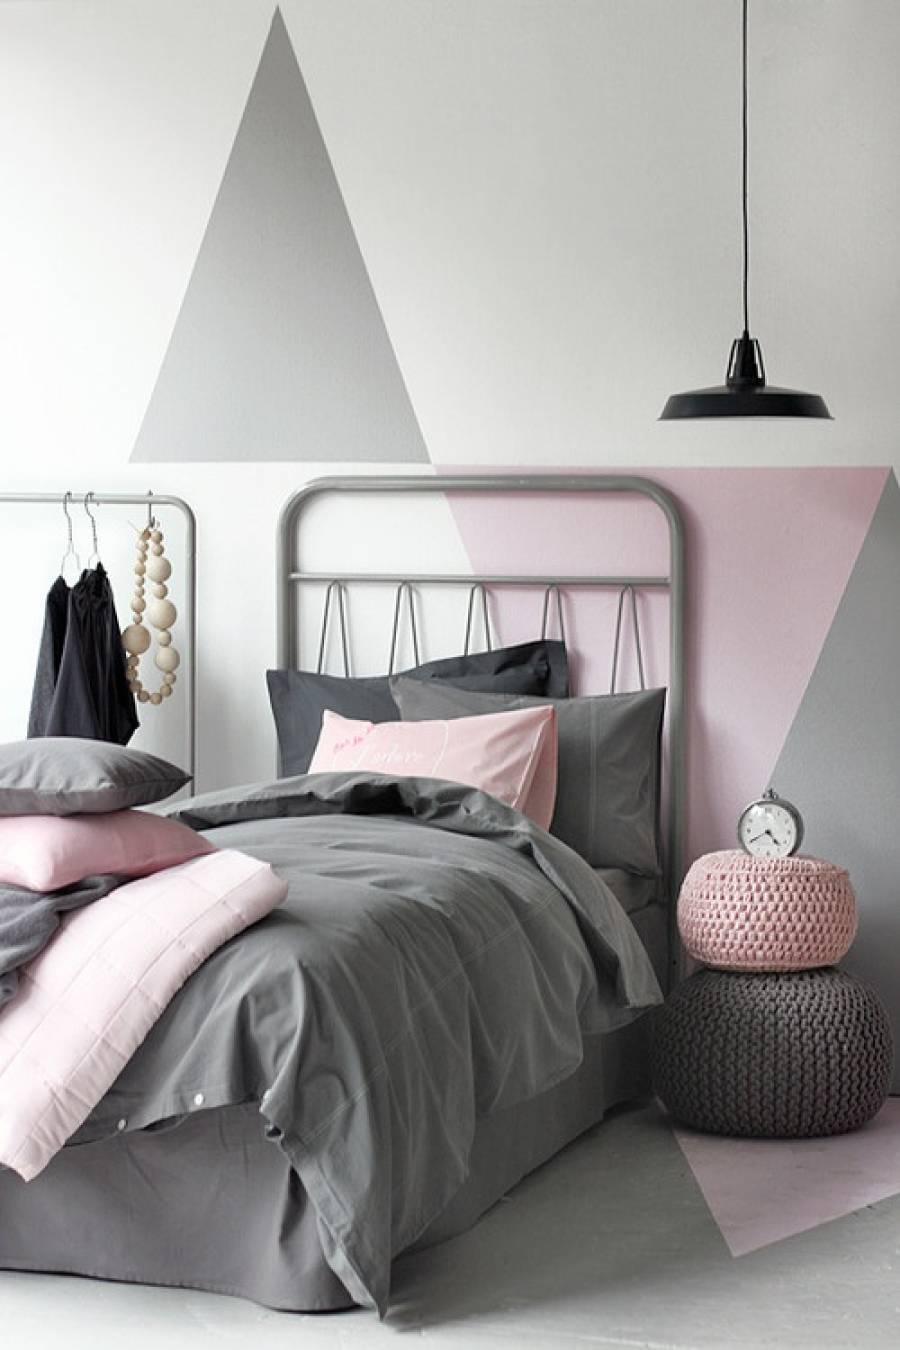 Slaapkamer ideeën grijs en roze